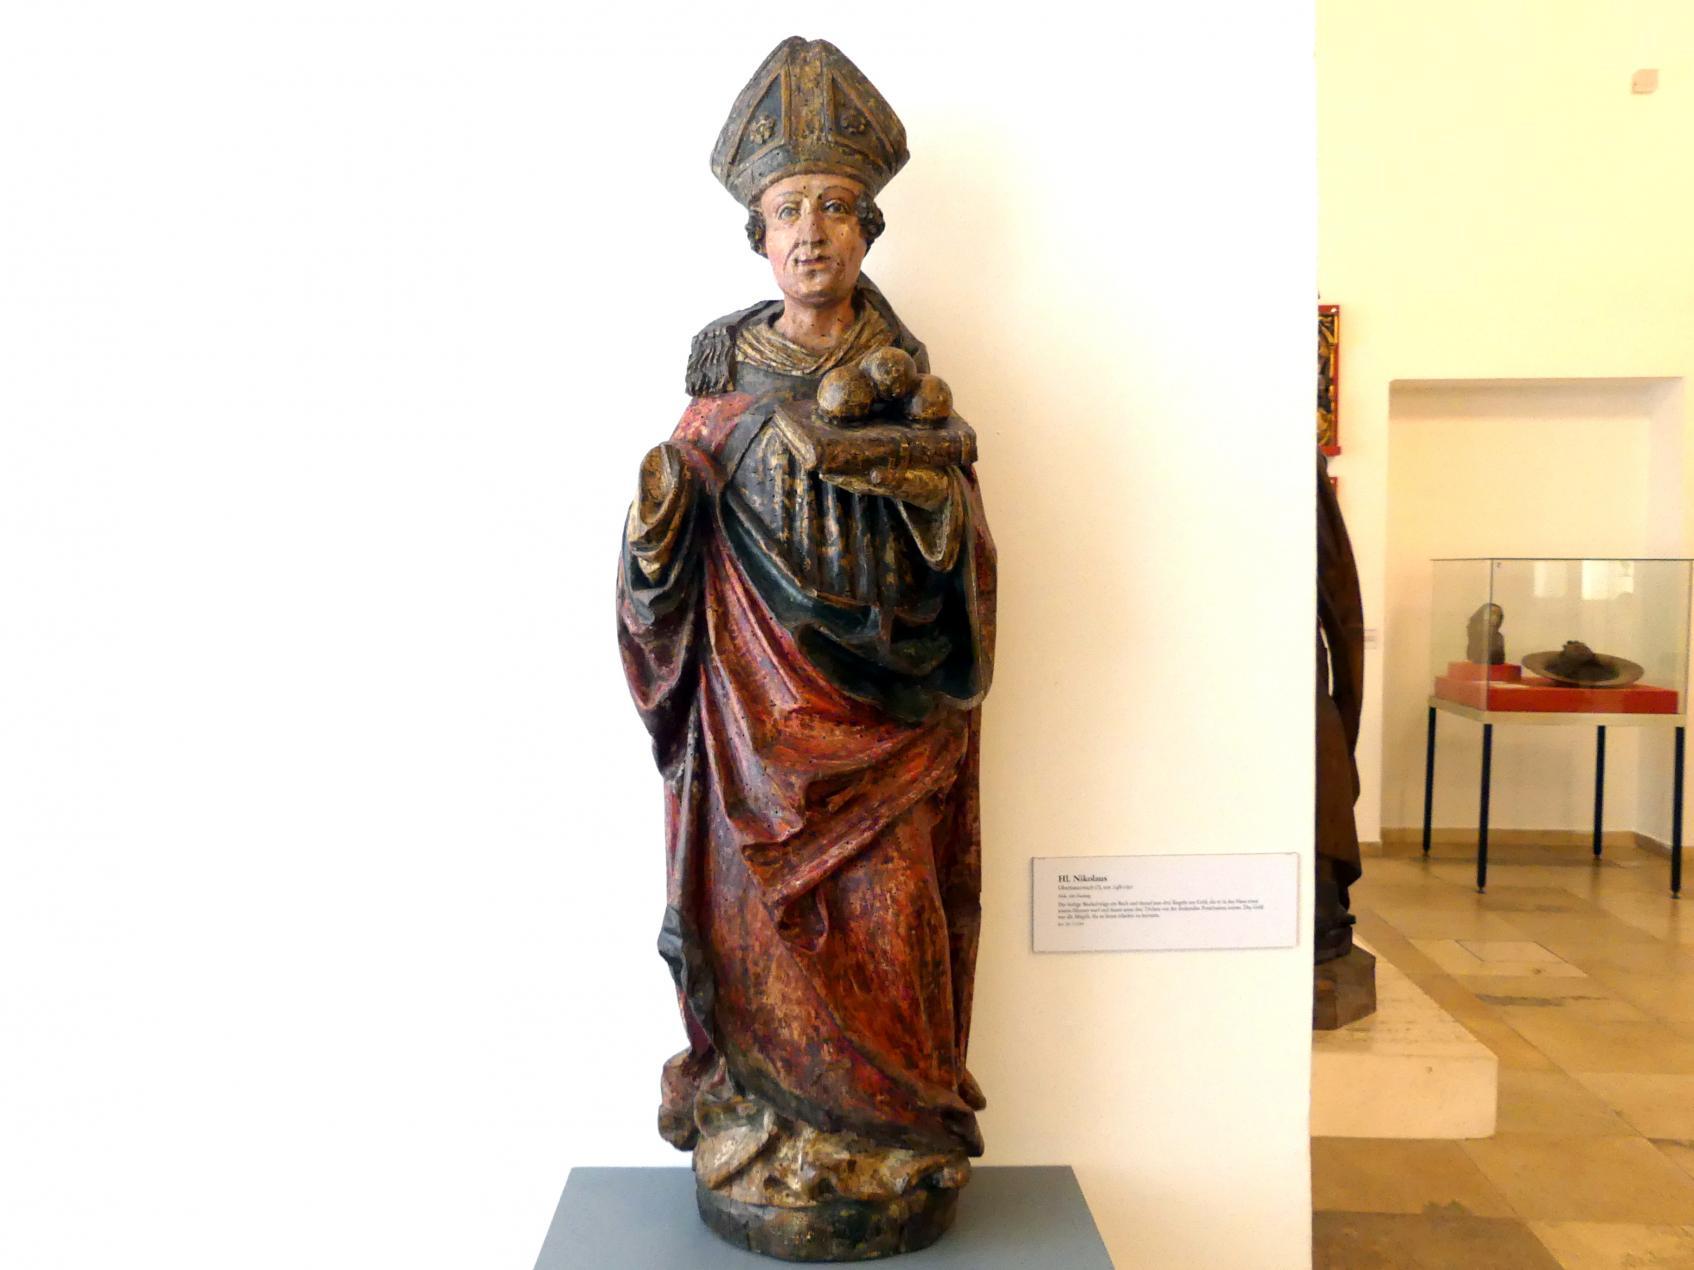 Hl. Nikolaus, um 1480 - 1490